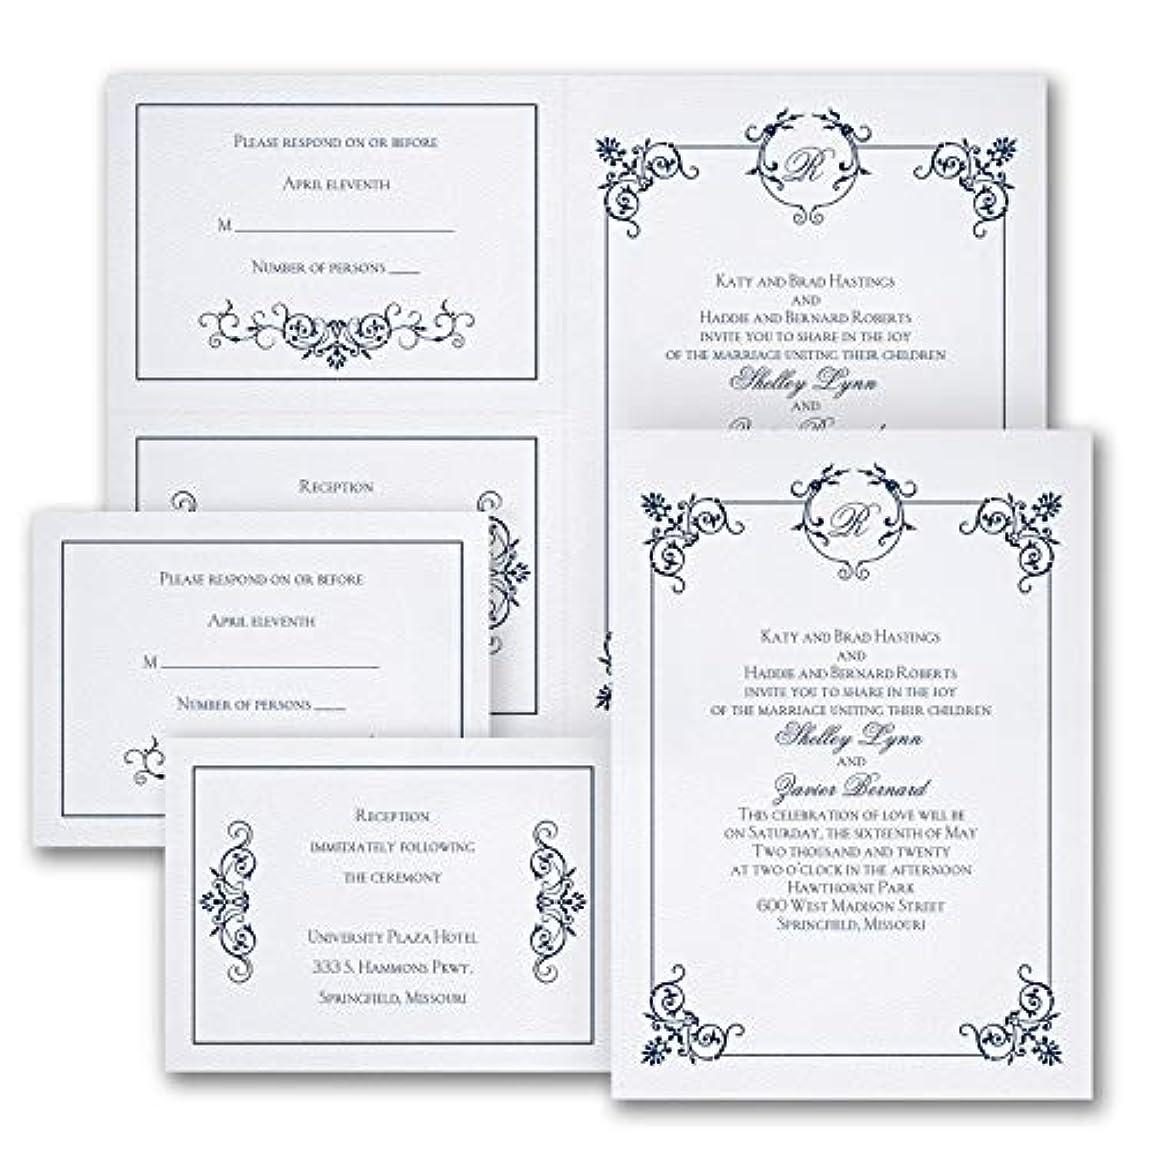 スリラーほこりっぽい逆さまにエレガントな雰囲気 250枚入り - 9月発送店 結婚式全般